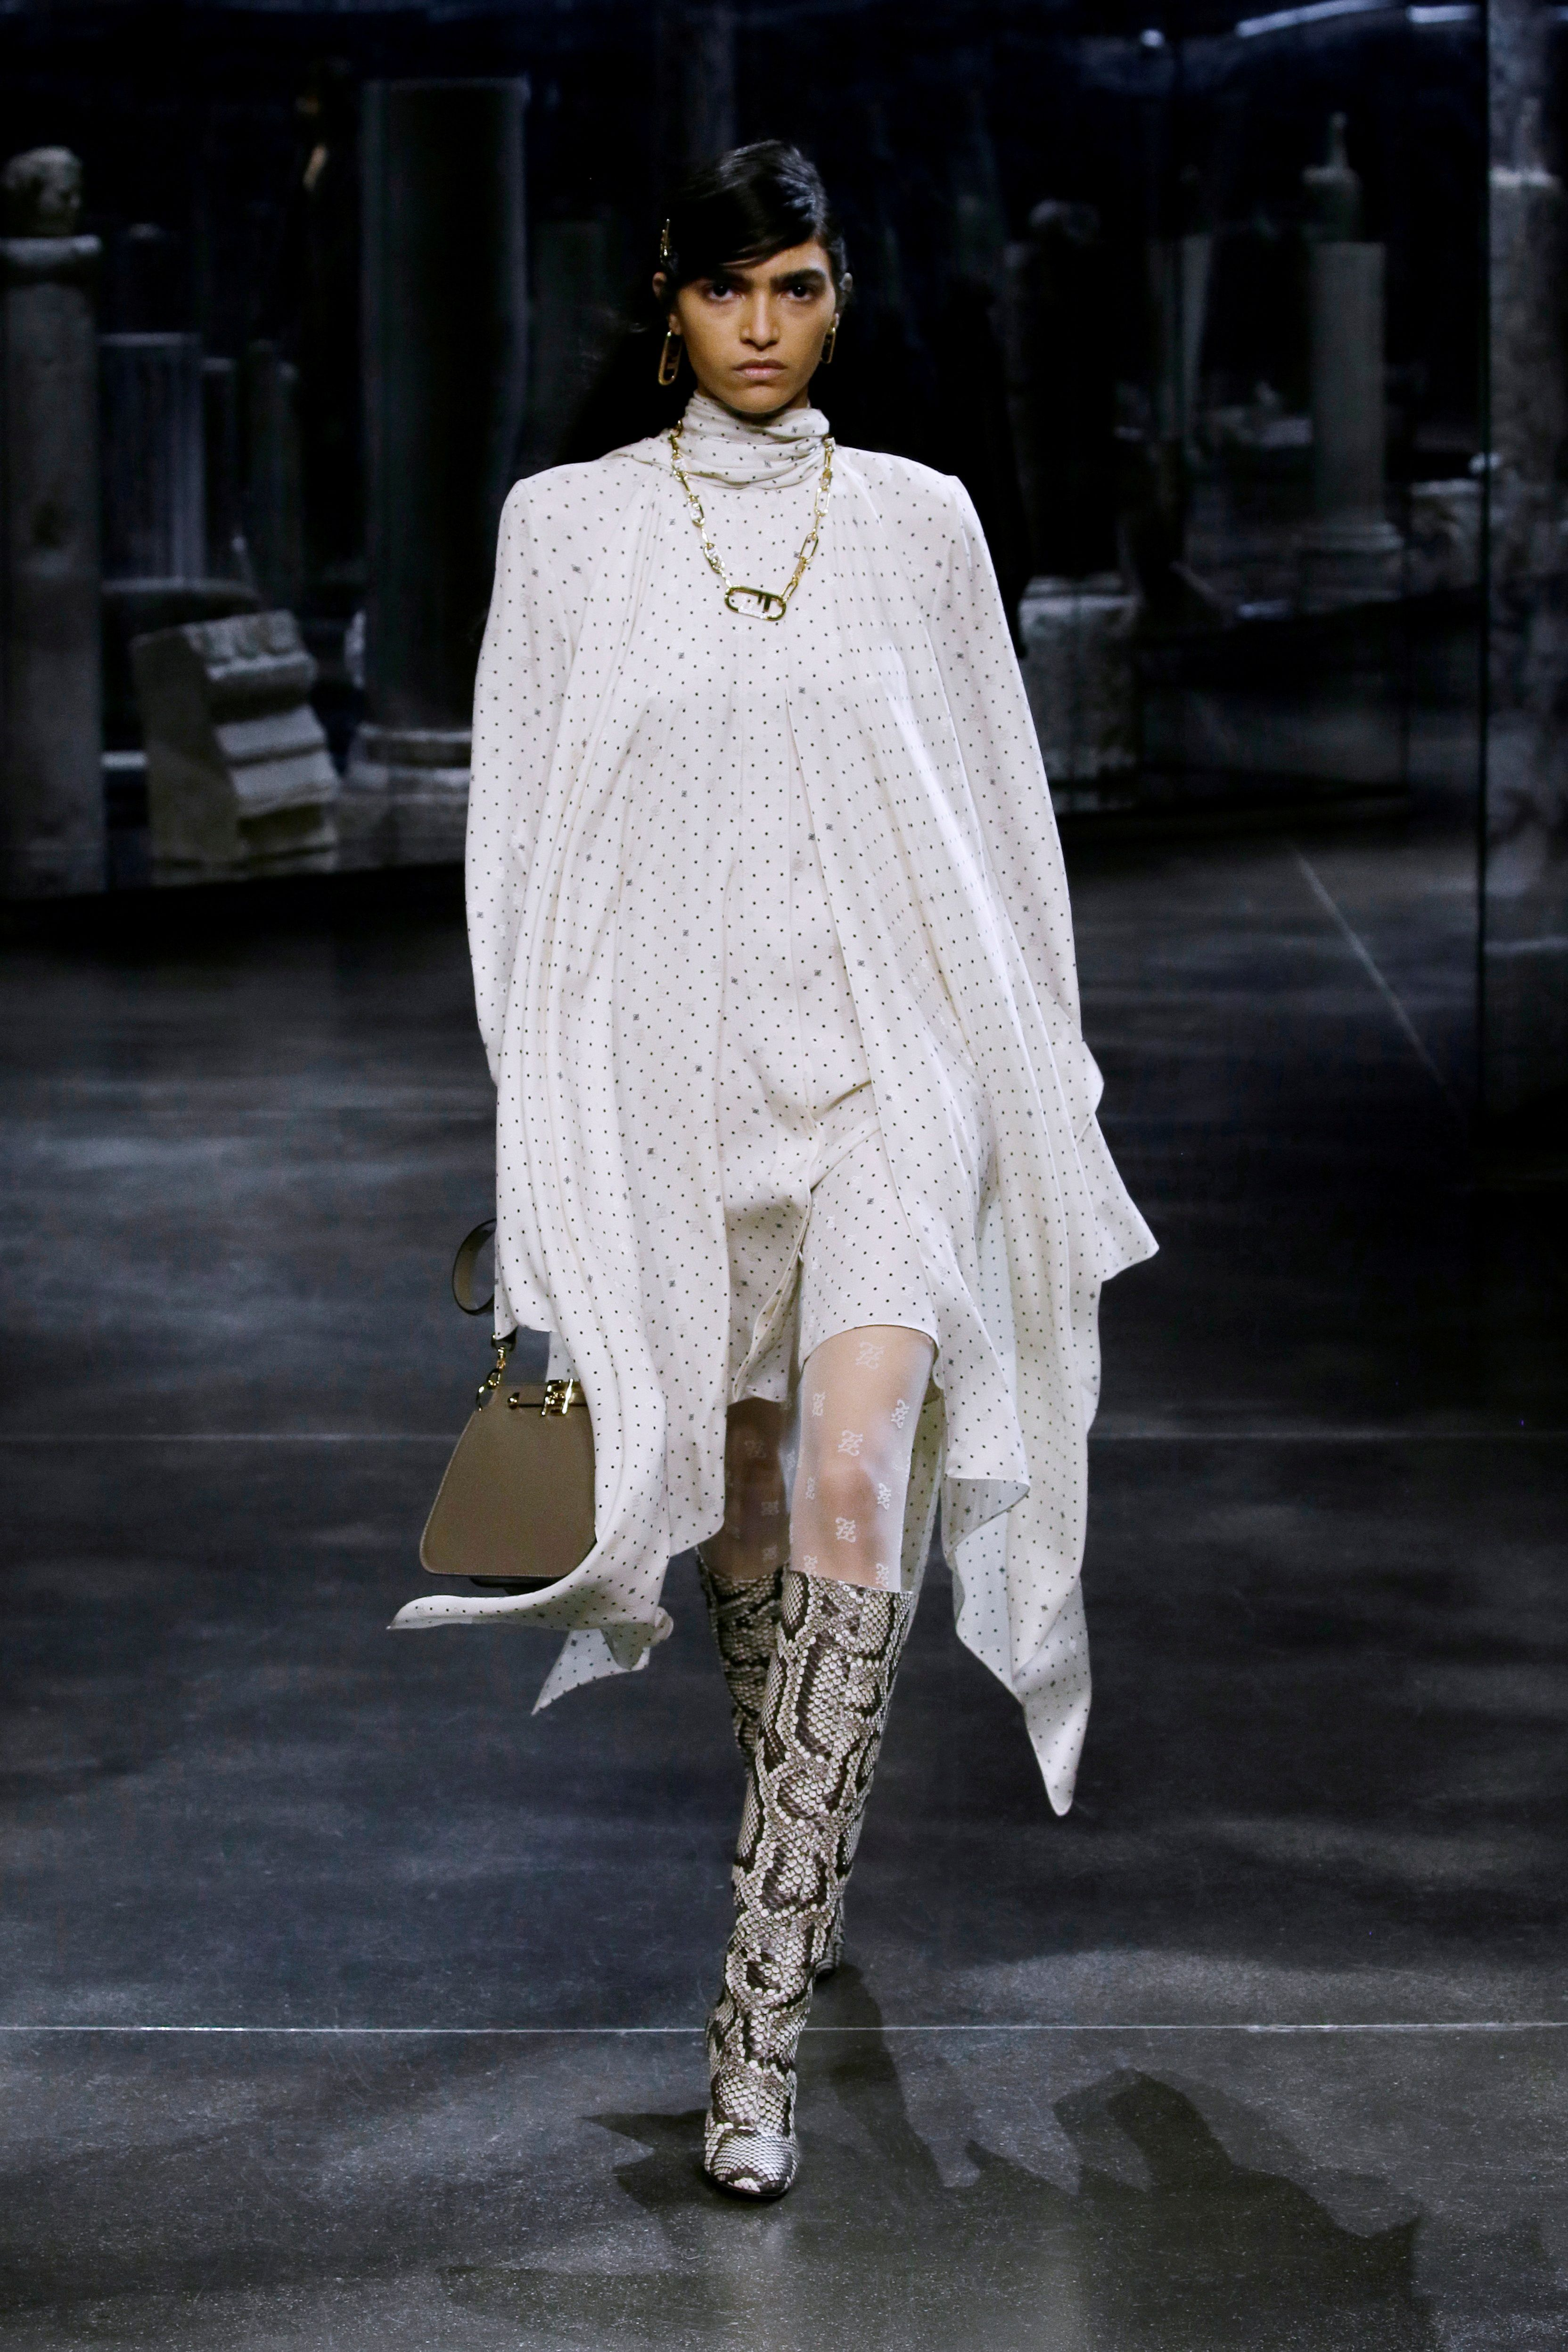 También presentó abrigos, blusas de punto recortadas, pantalones de tiro alto y vestidos camiseros de seda a rayas